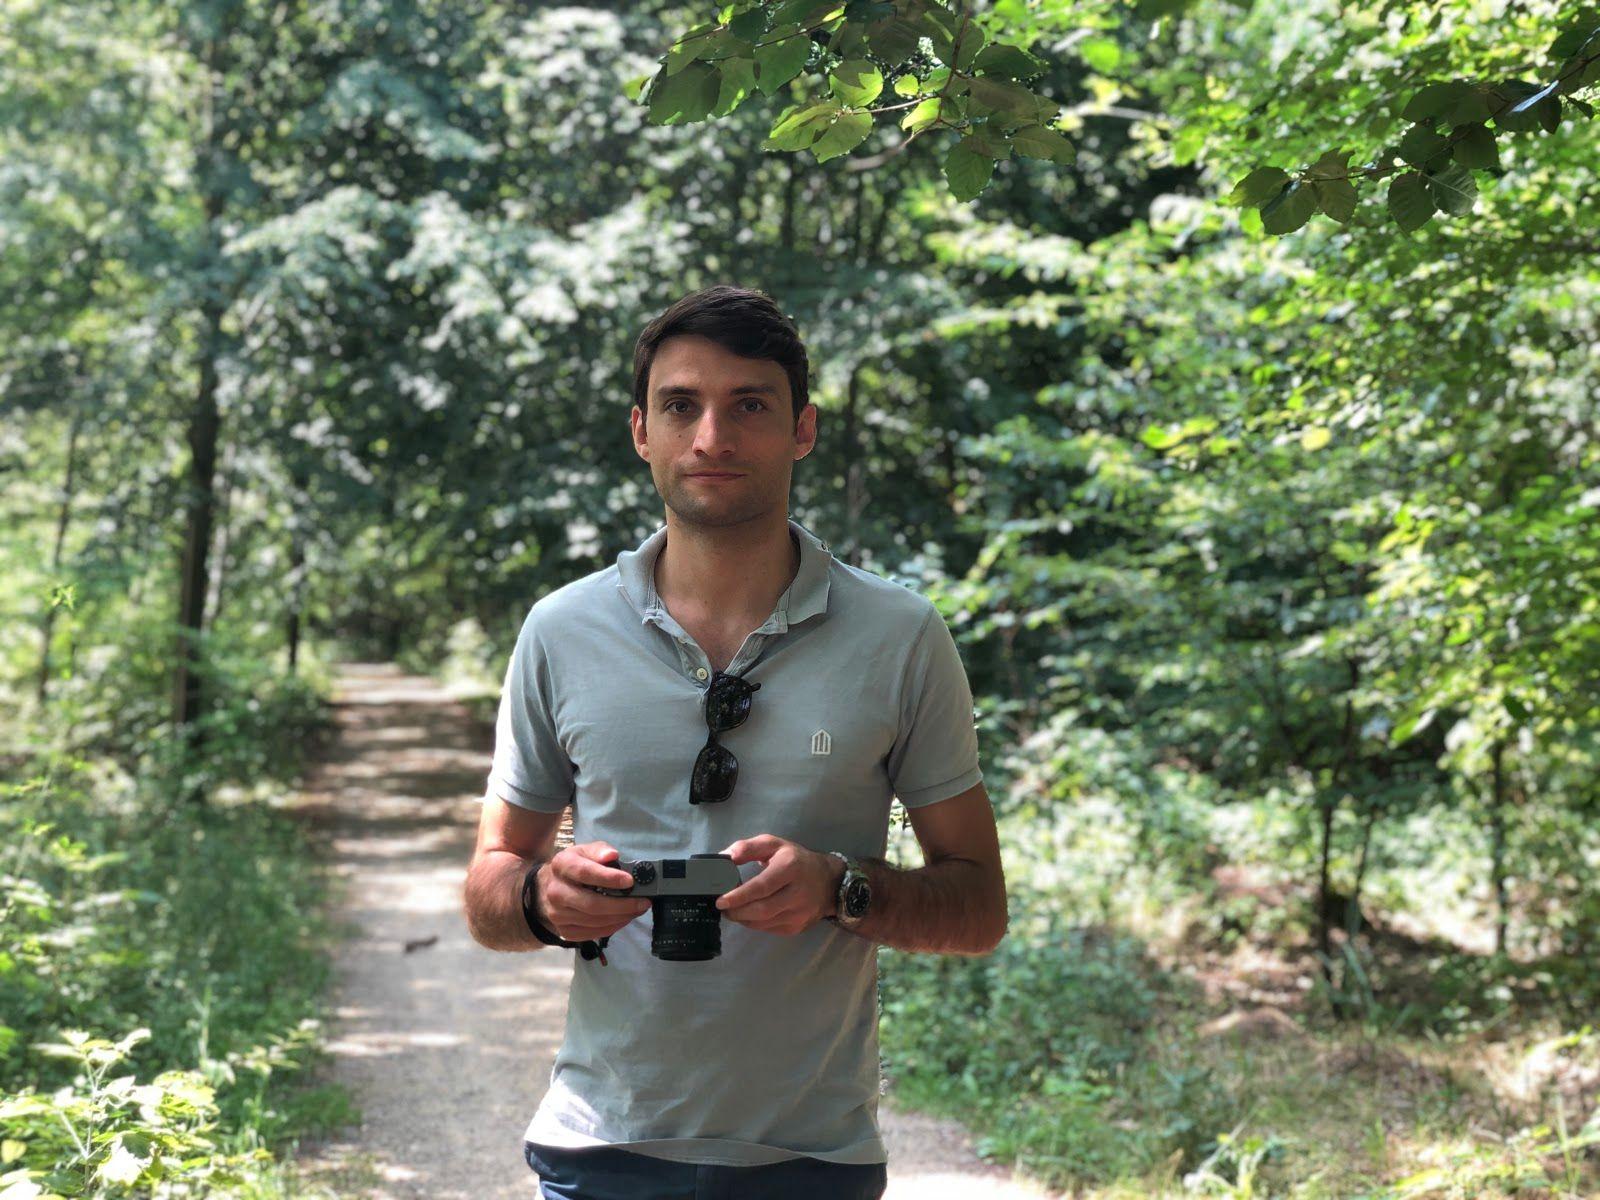 Antoine from the Hunter team